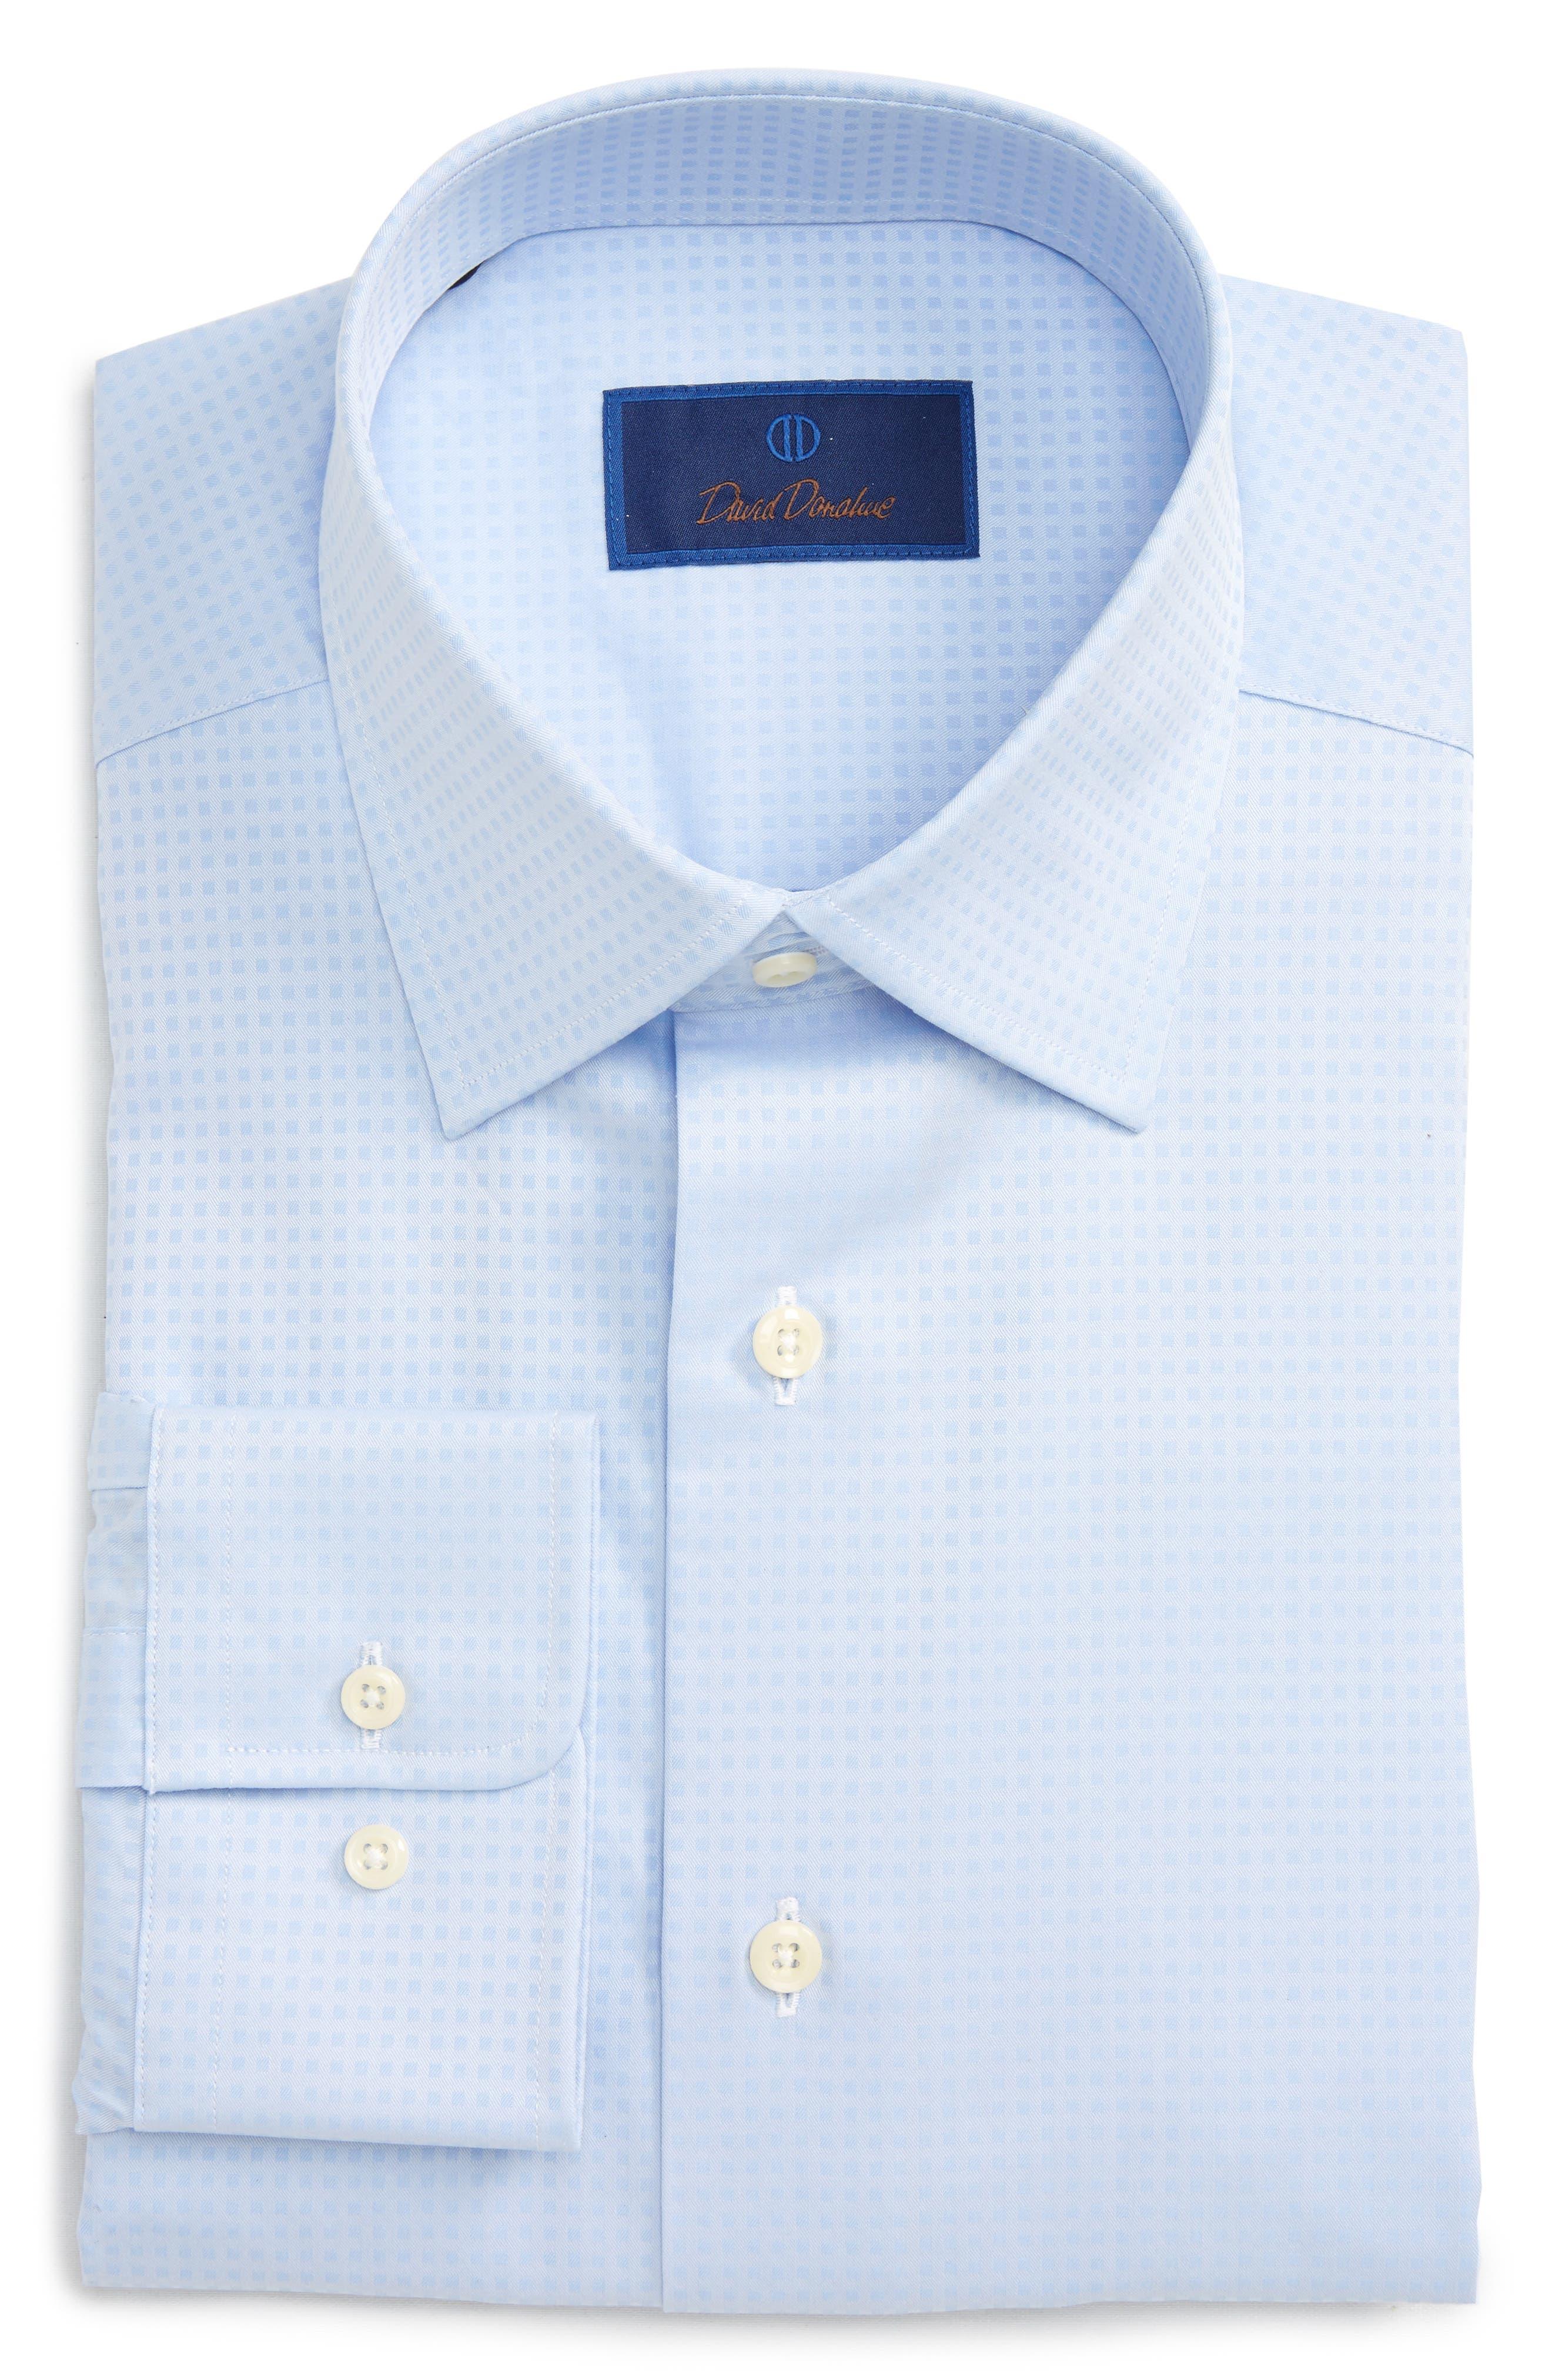 Regular Fit Check Dress Shirt,                             Main thumbnail 1, color,                             454